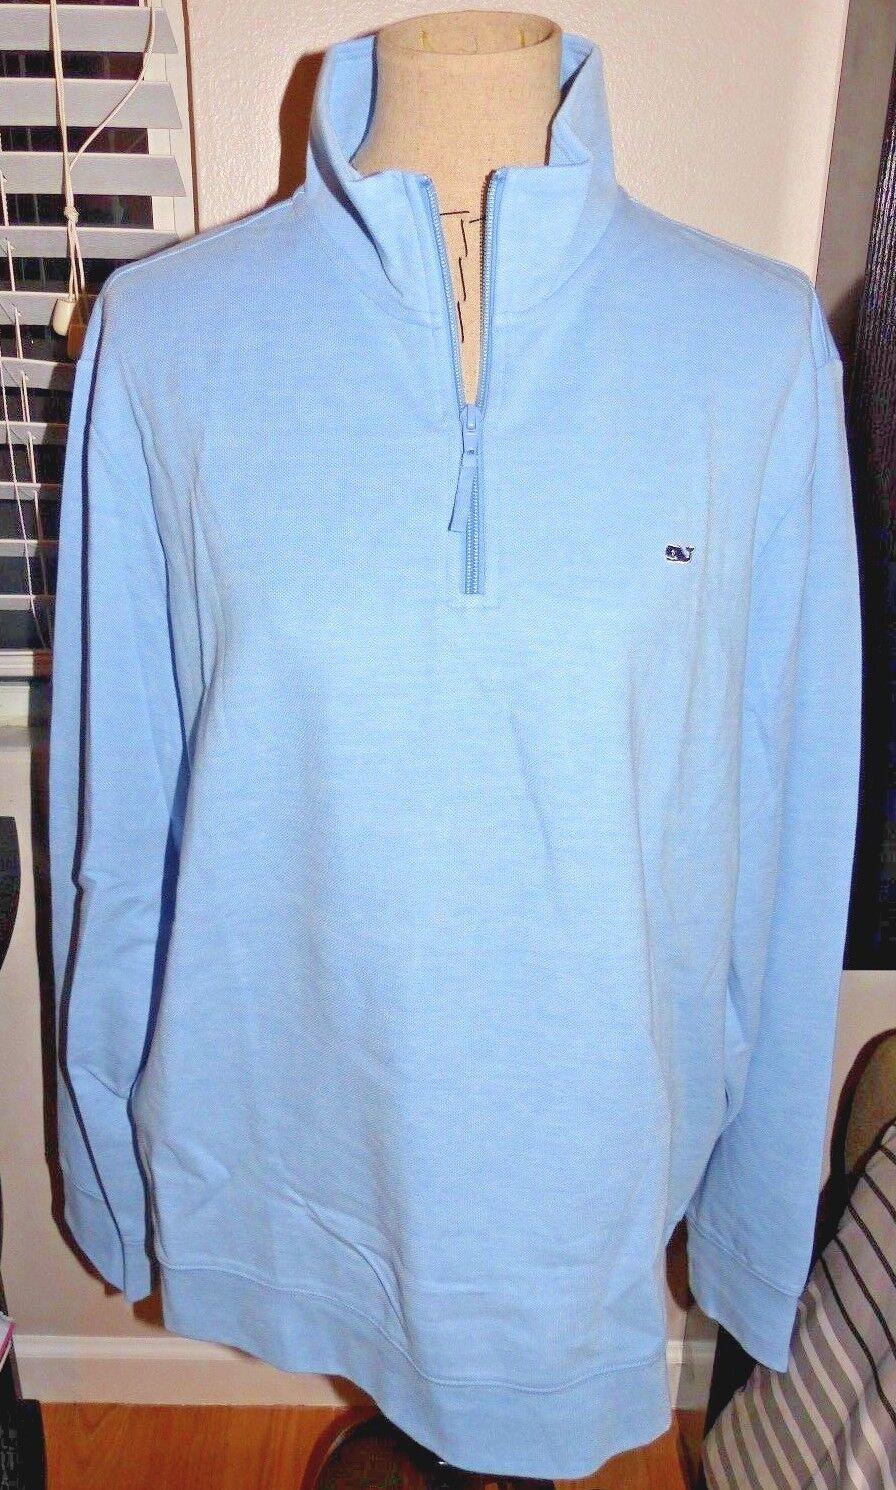 VINEYARD VINES Men's Broadfield 1 4 Zip Long Sleeve Shirt  OCEAN BREEZE LG NWT